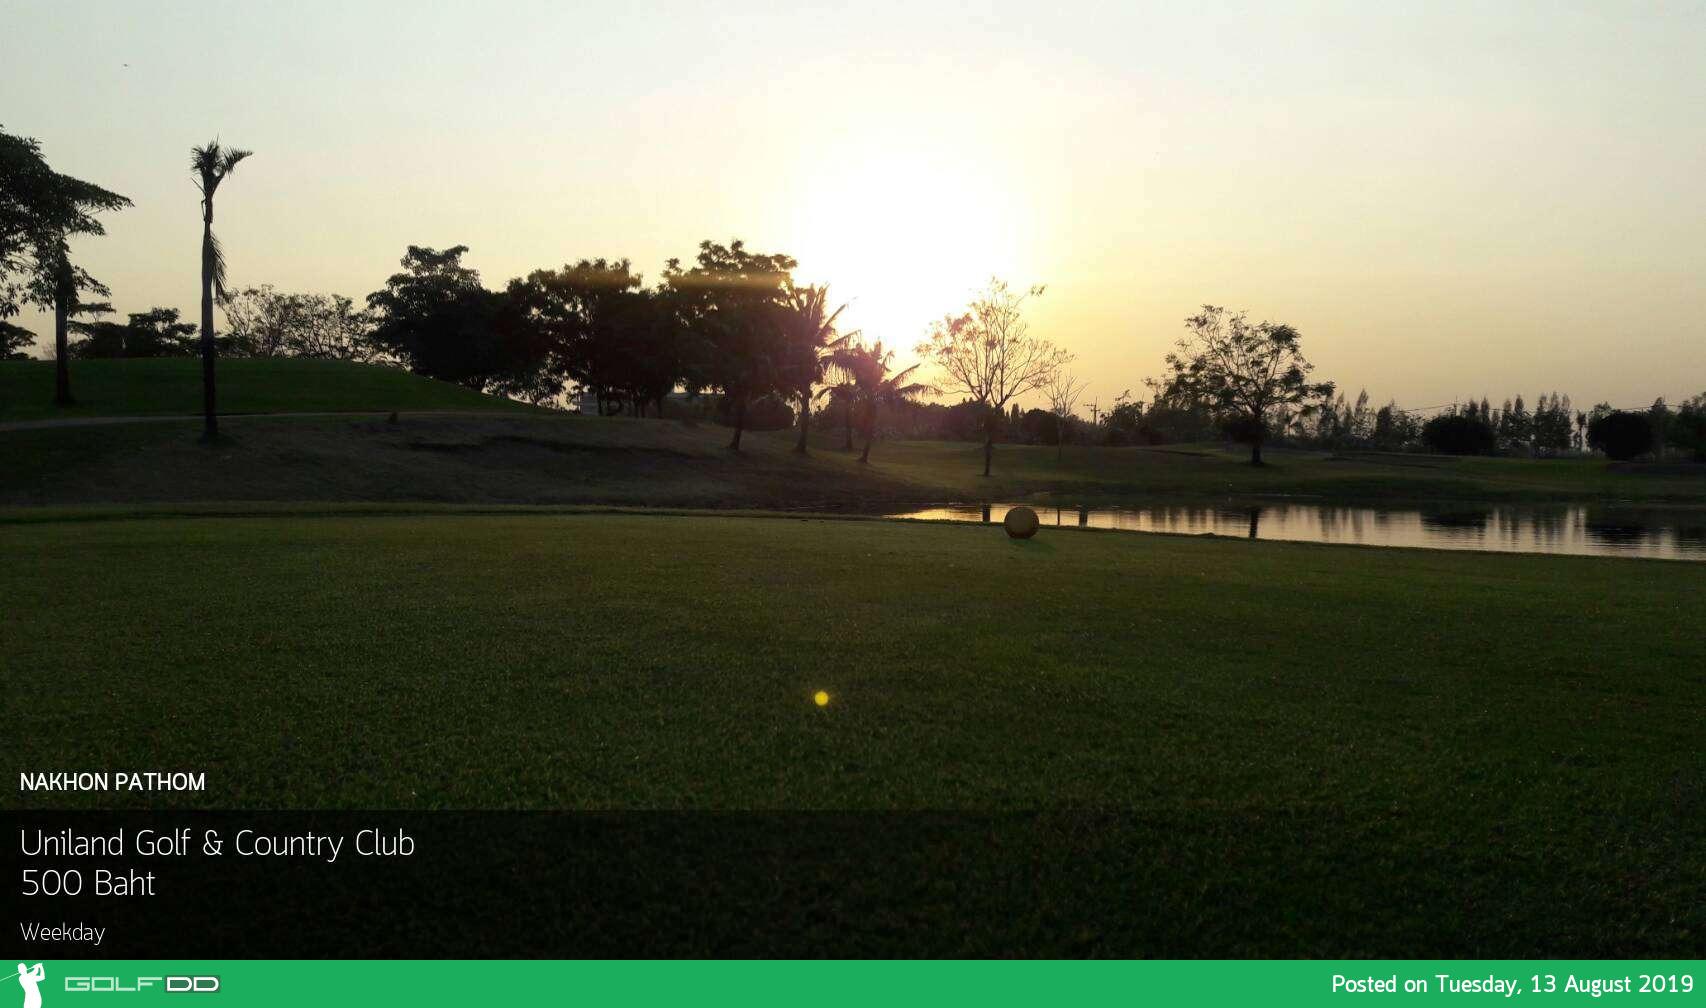 ราคาโดนใจ ไม่จองได้ไง เชิญที่ Uniland Golf & Country Club นครปฐม พร้อม Booking Teetime กับ golfdd จ่ายเงินที่สนามได้เลย